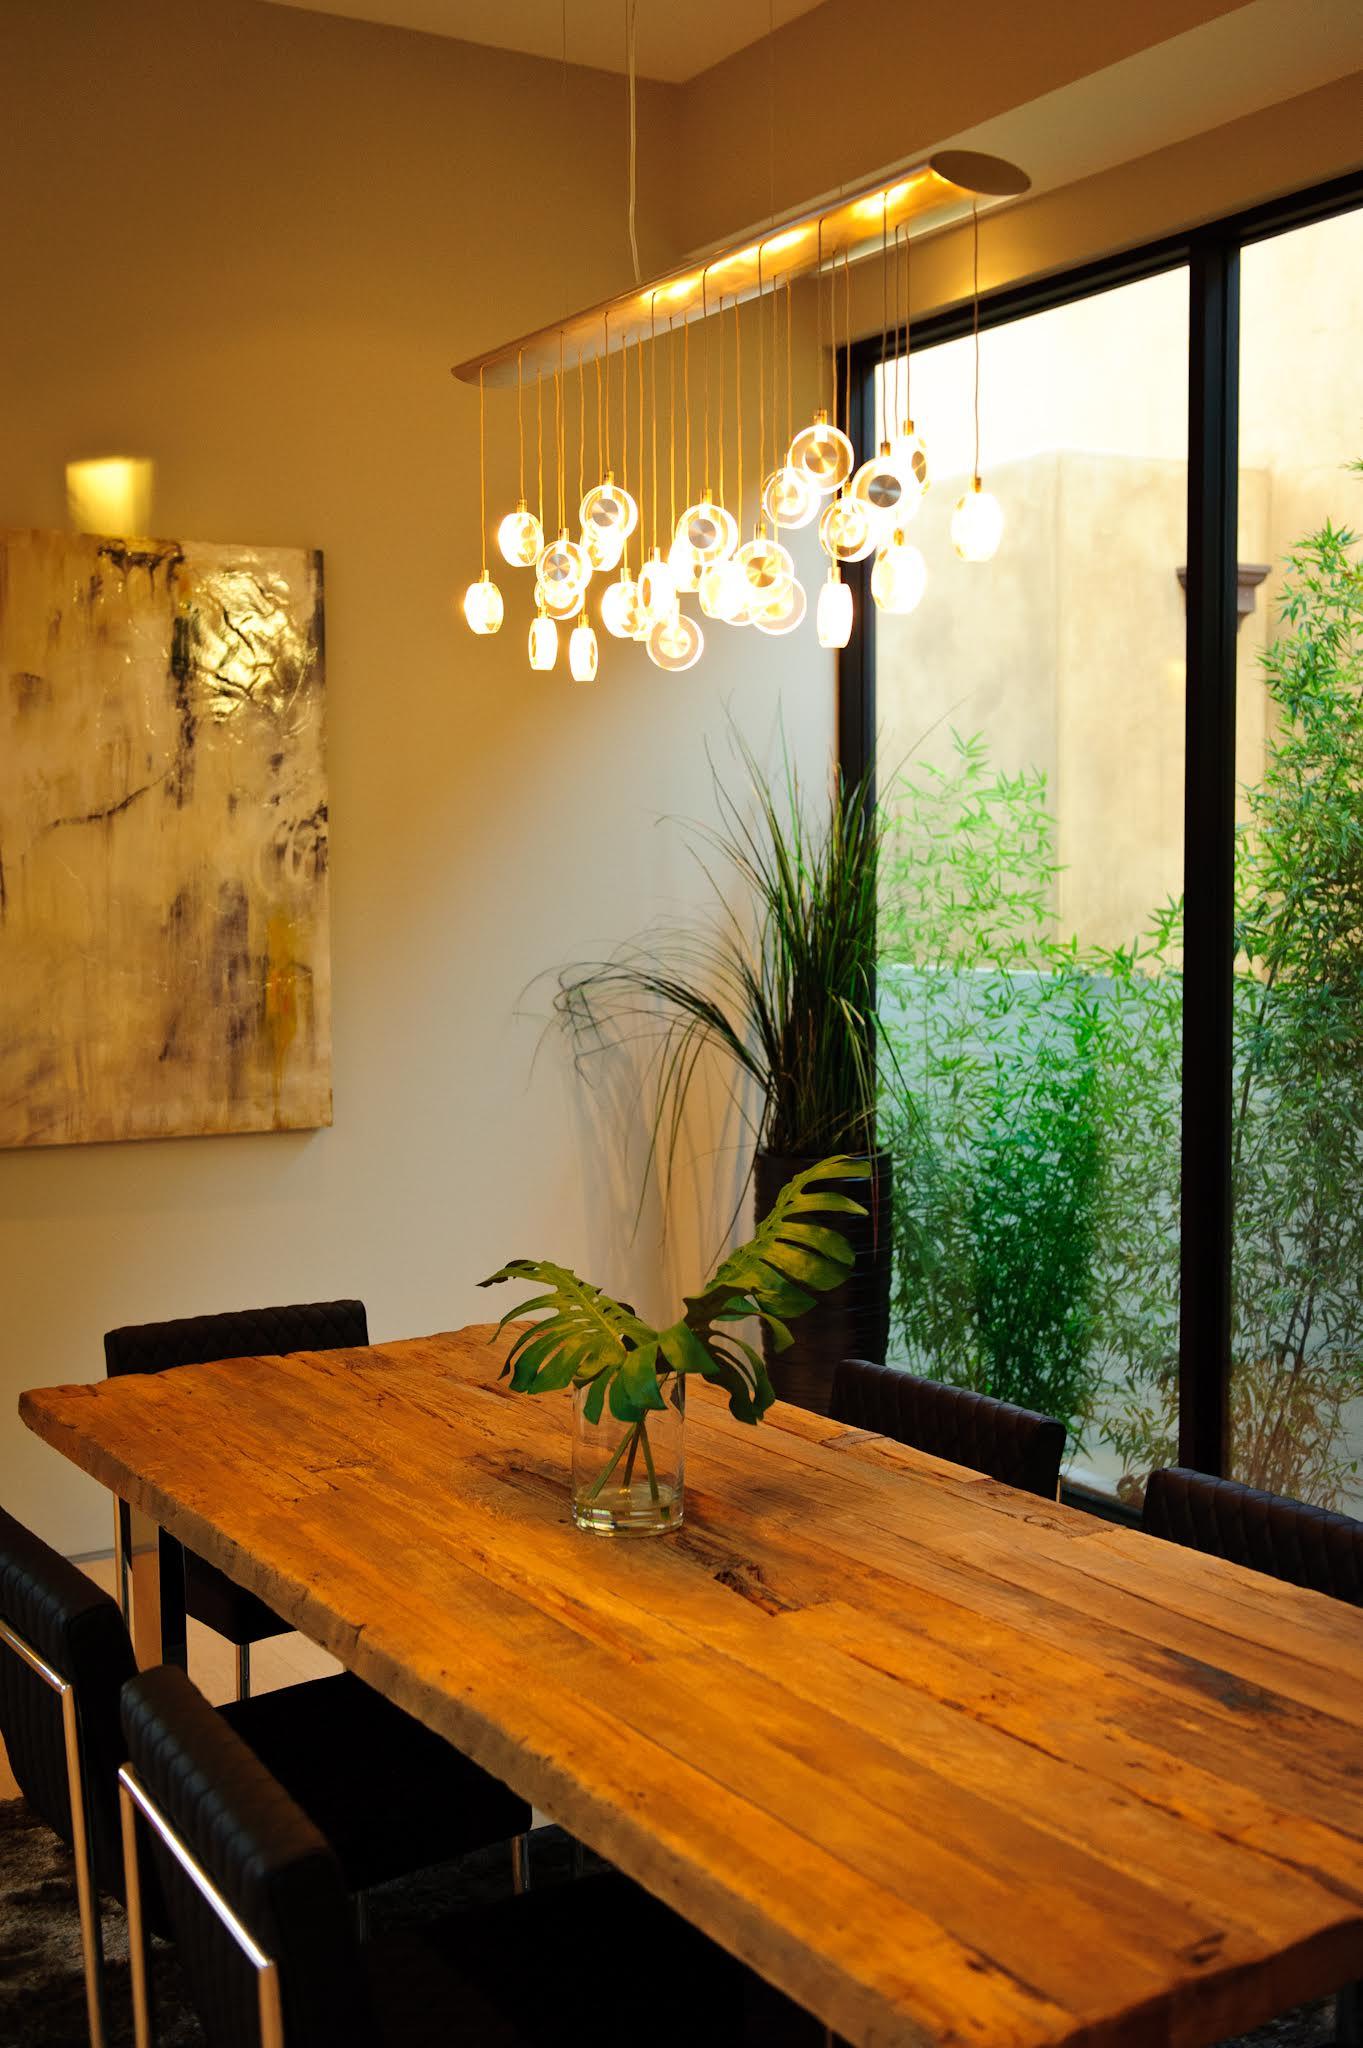 ตกแต่งด้วยโต๊ไม้จริงตัวใหญ่ ใช้กระจกเป็นผนังเพื่อให้มองเห็นสวนเขียวๆ เพิ่มความสดชื่นแก่ผู้อยู่อาศัย